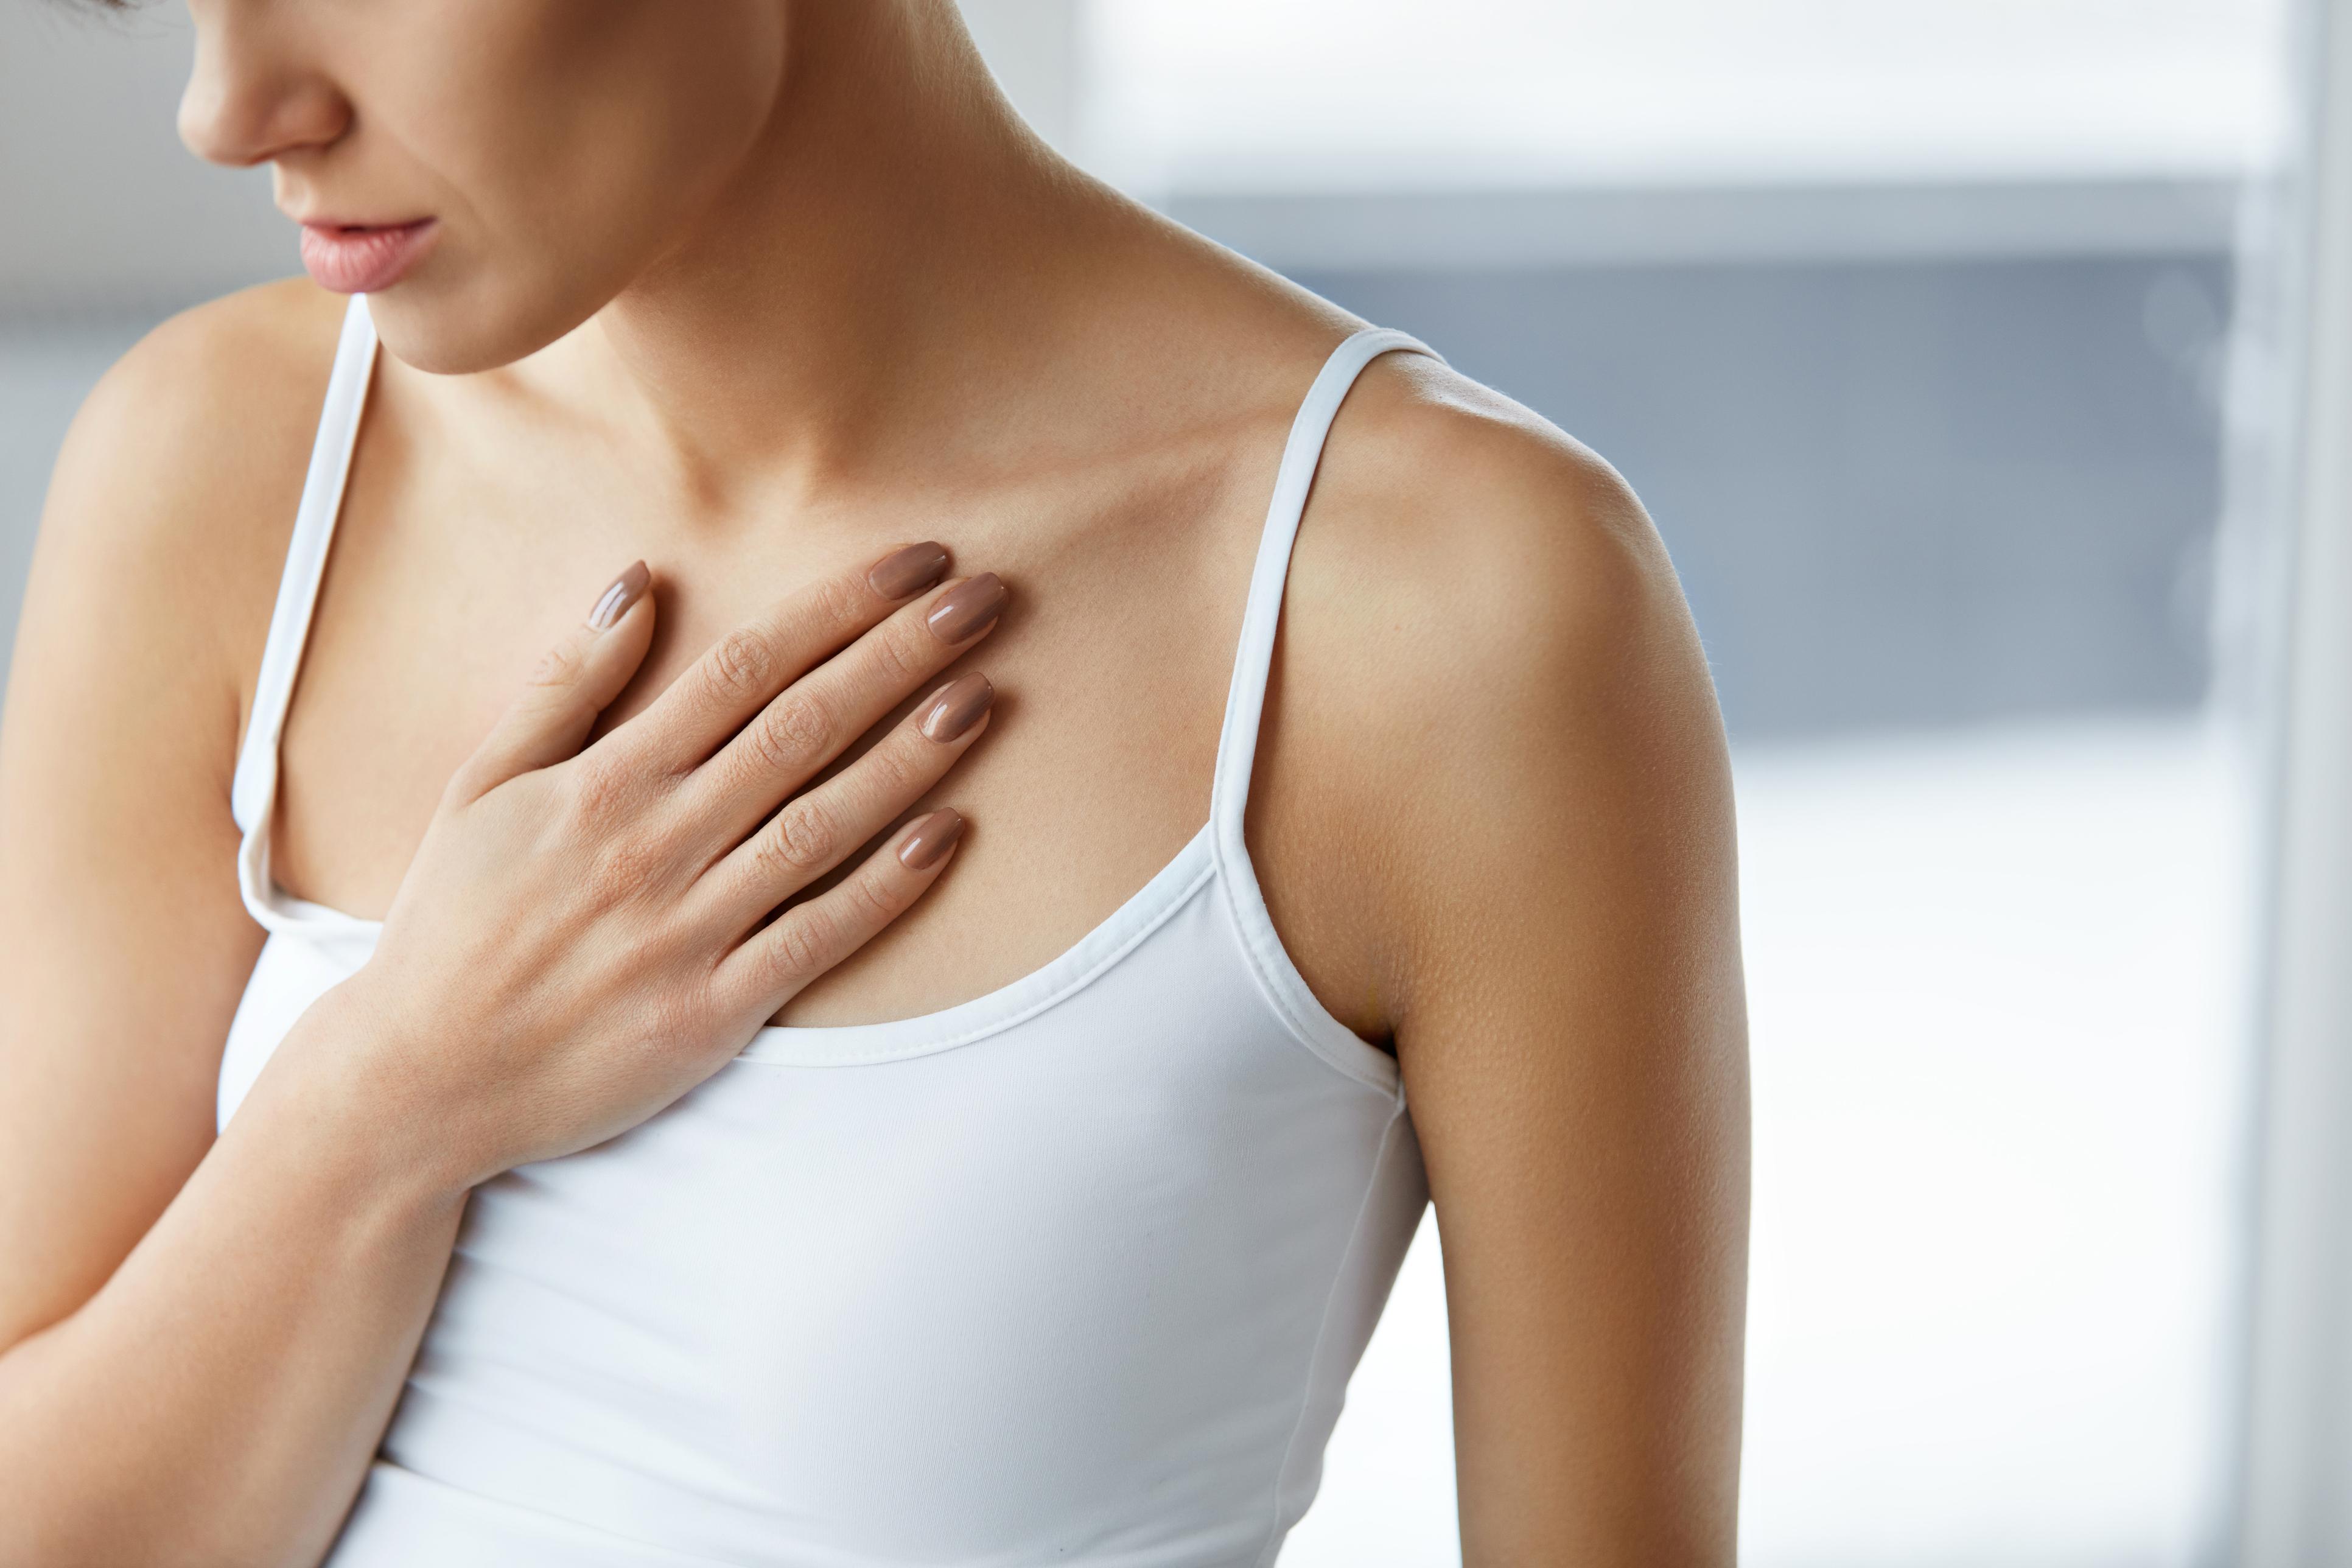 Як просто й ефективно позбутися від висипань на грудях